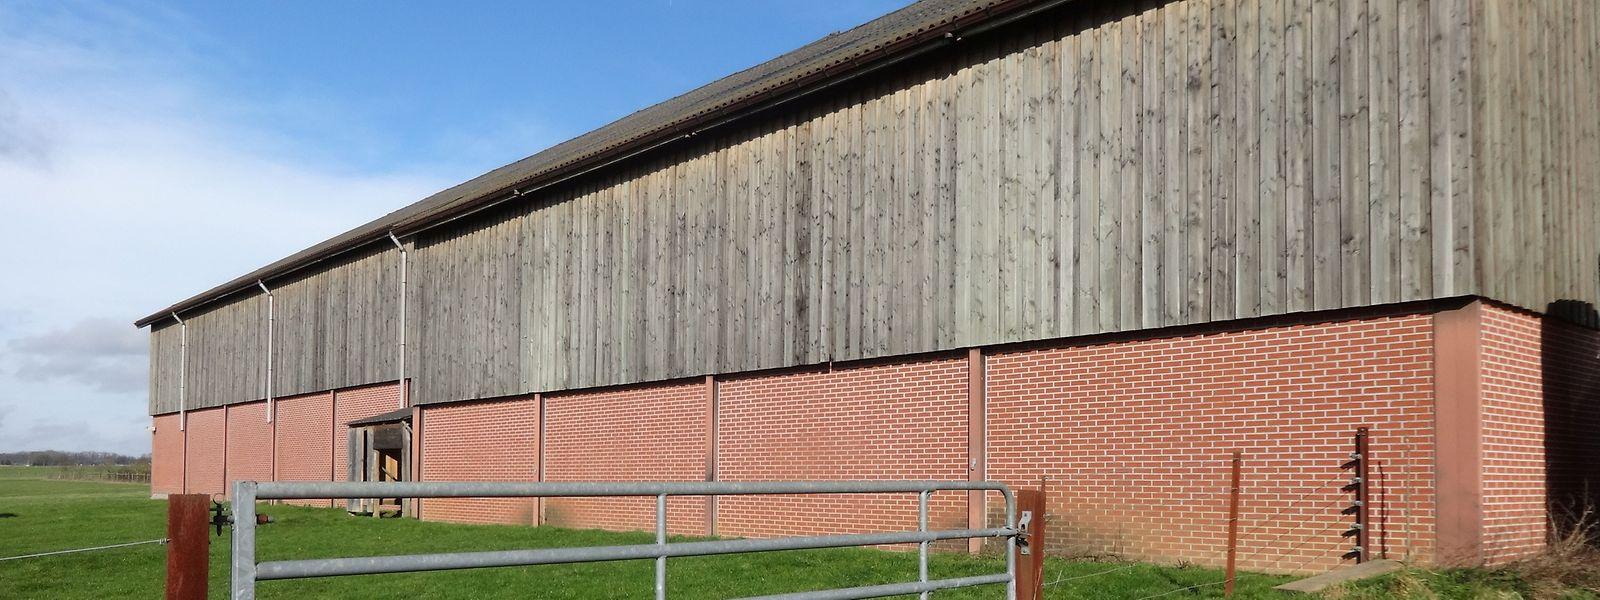 Wegen einer Unklarheit im kommunalen Bautenreglement werden in der ländlich geprägten Gemeinde Reckingen/Mess seit 2015 keine Baugenehmigungen mehr ausgestellt für landwirtschaftliche Gebäude über 14 Metern.